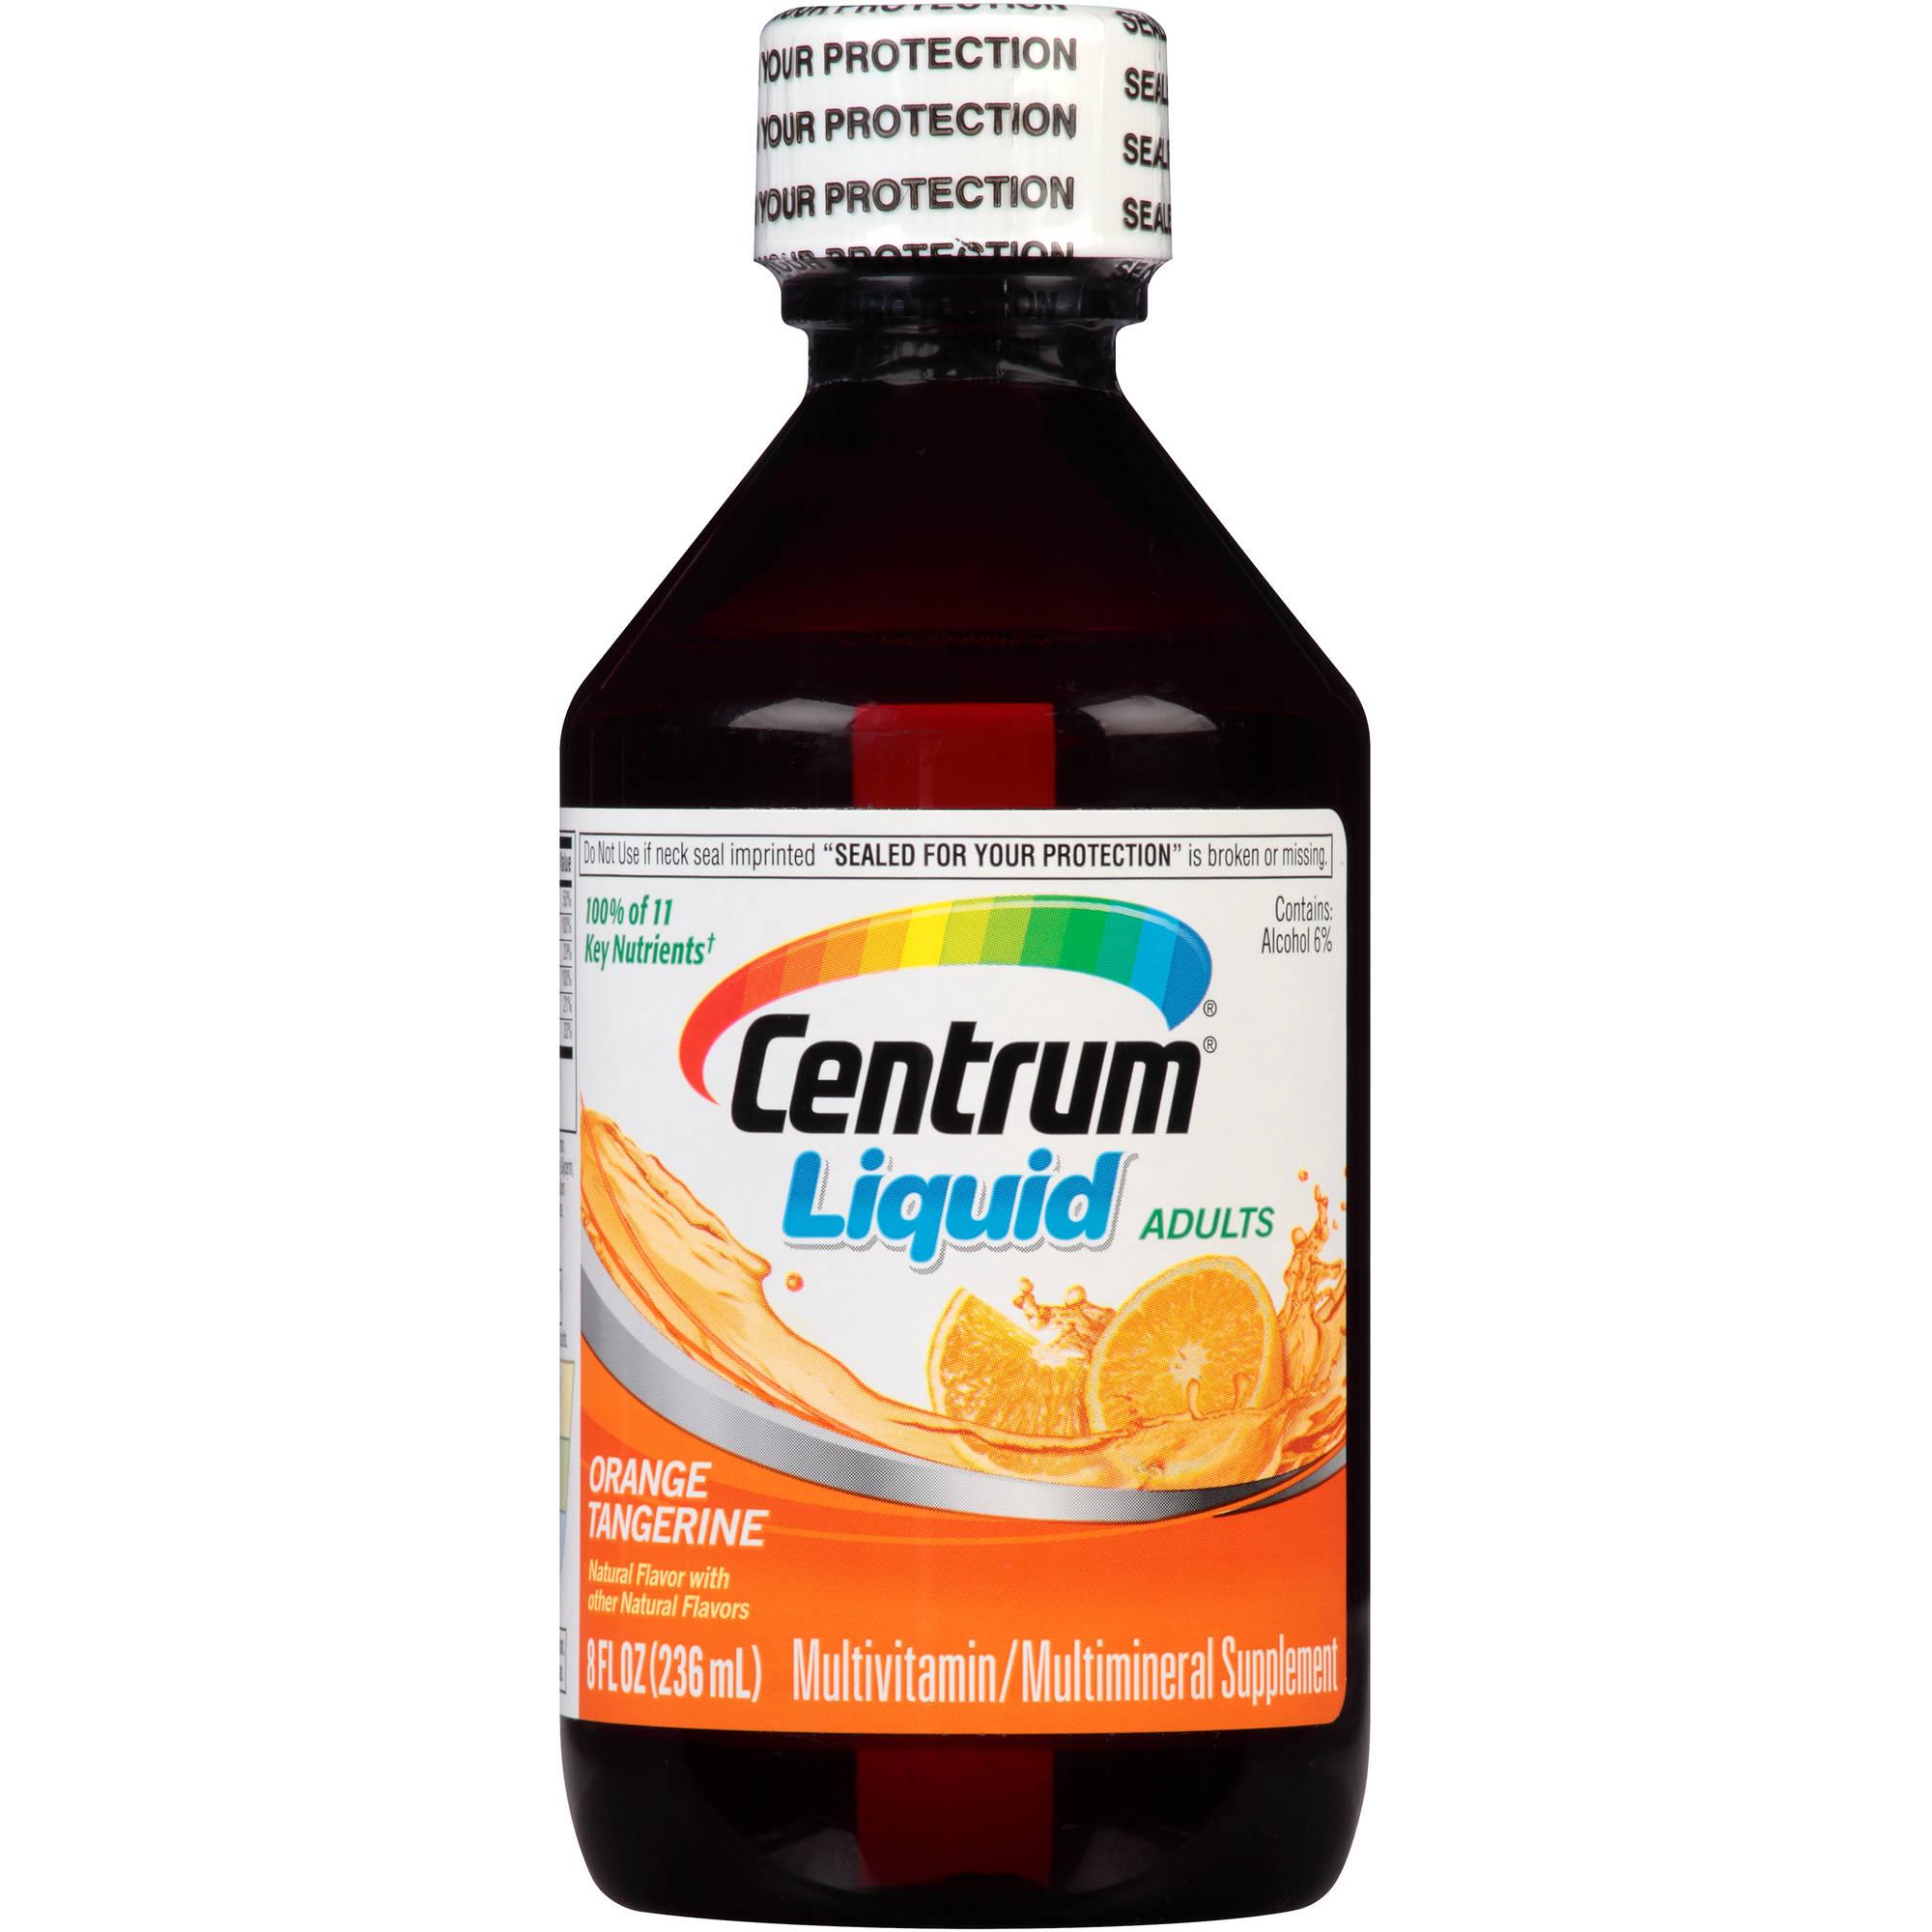 Centrum Adult Multivitamin/Multimineral Liquid 8 fl oz